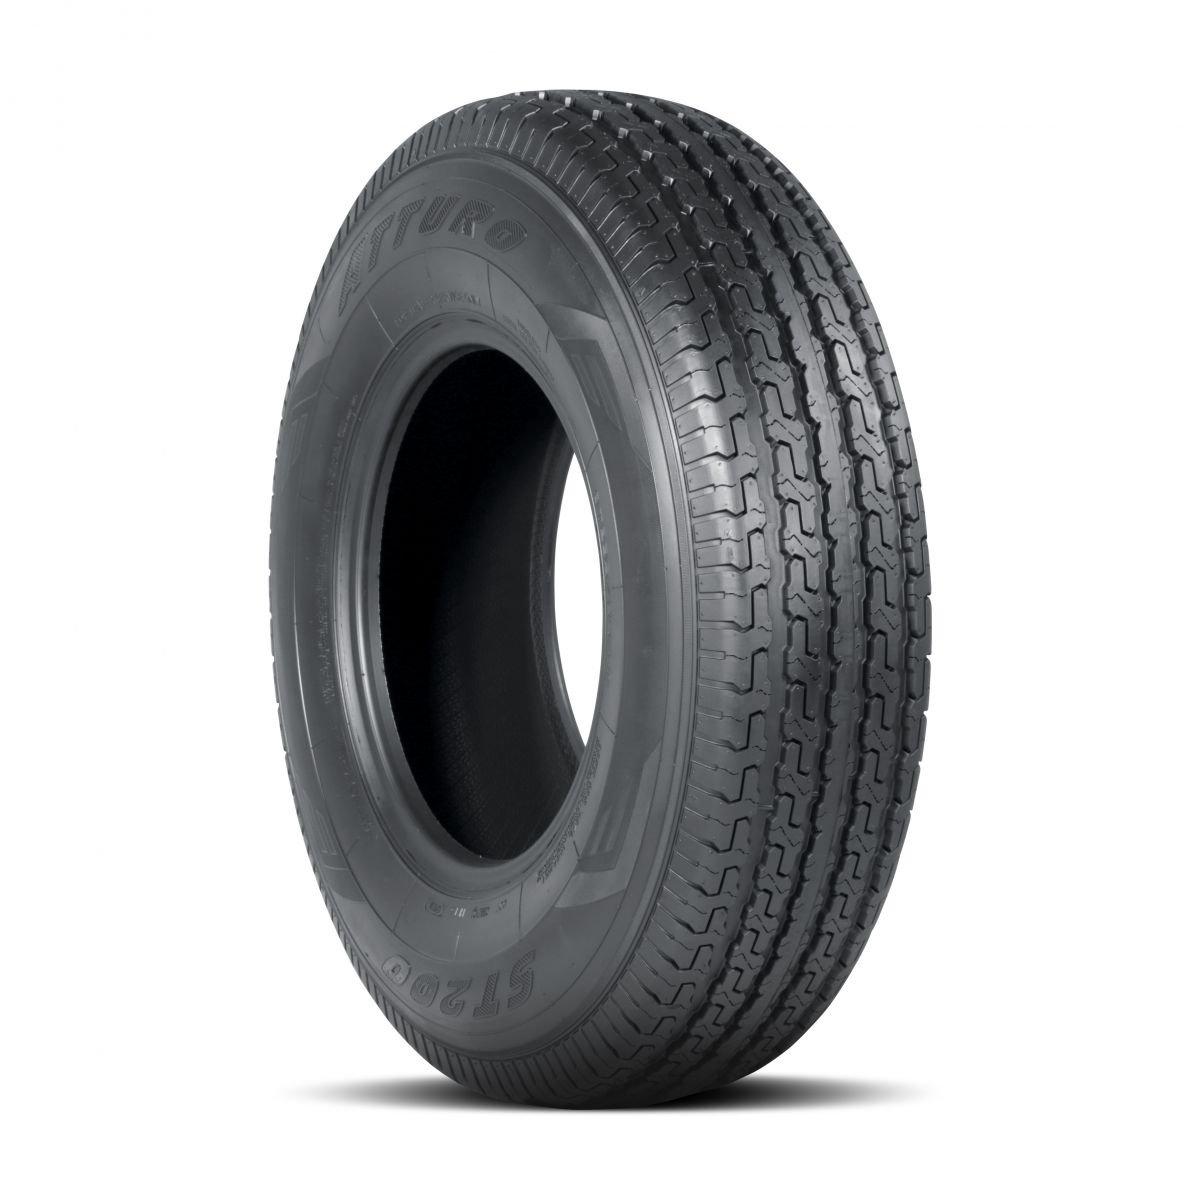 Atturo ST200 Trailer Tire - 205/75R15 107L